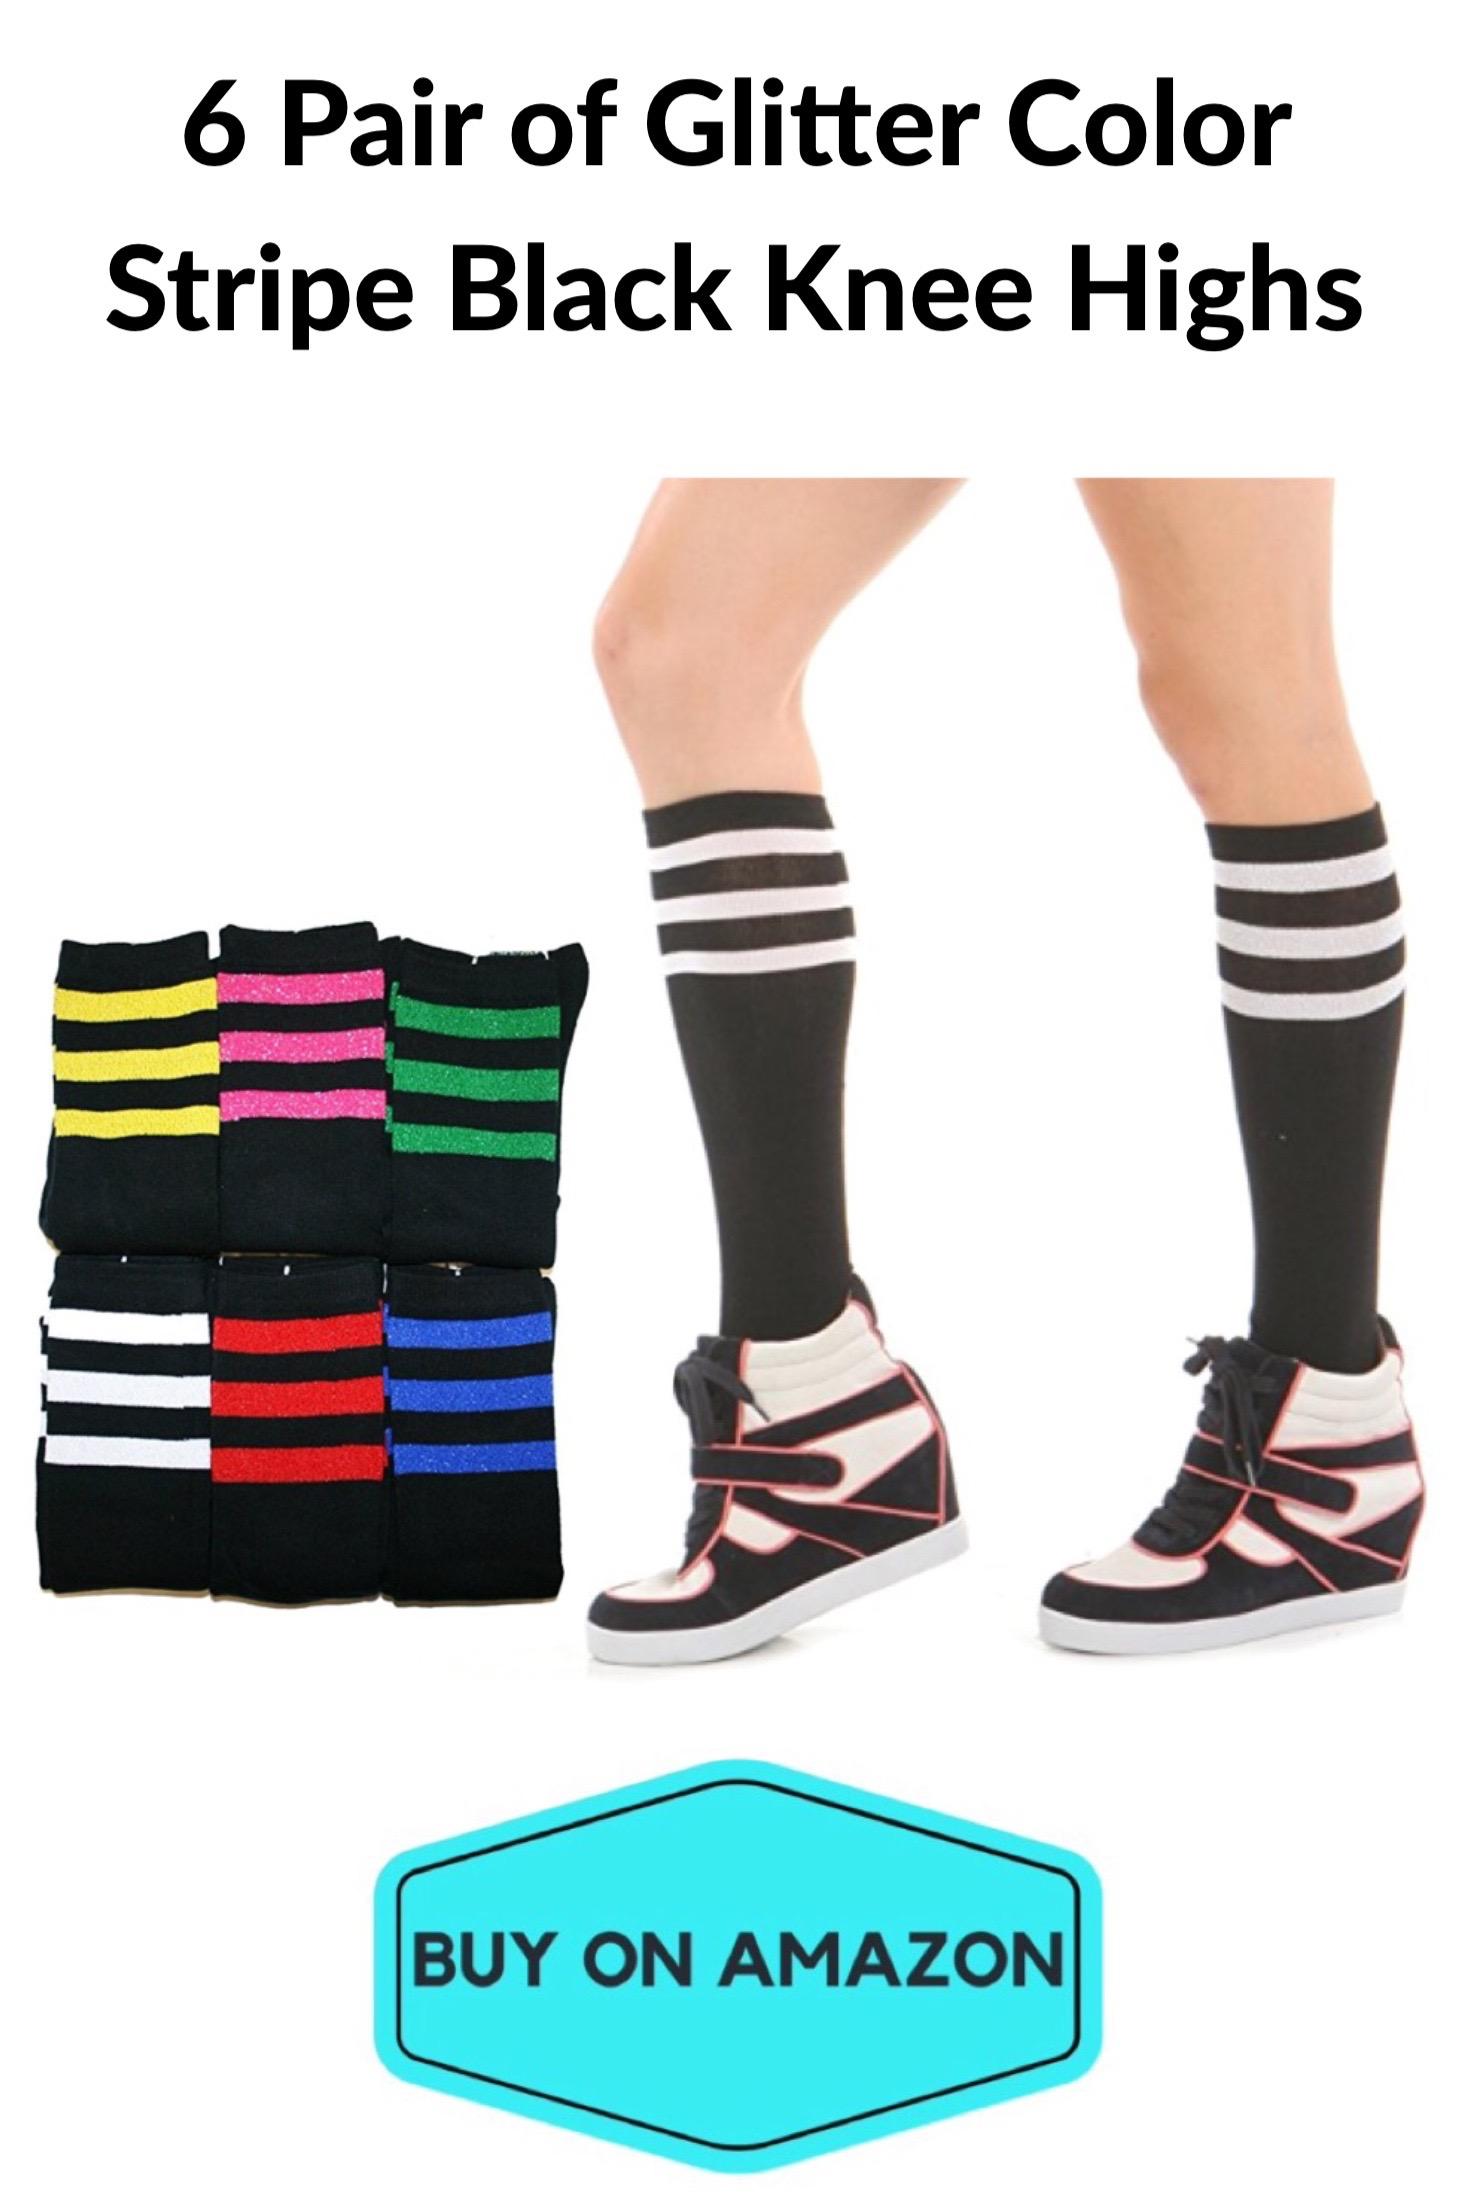 Glitter Stripe Knee High Gym Socks, 6-pack